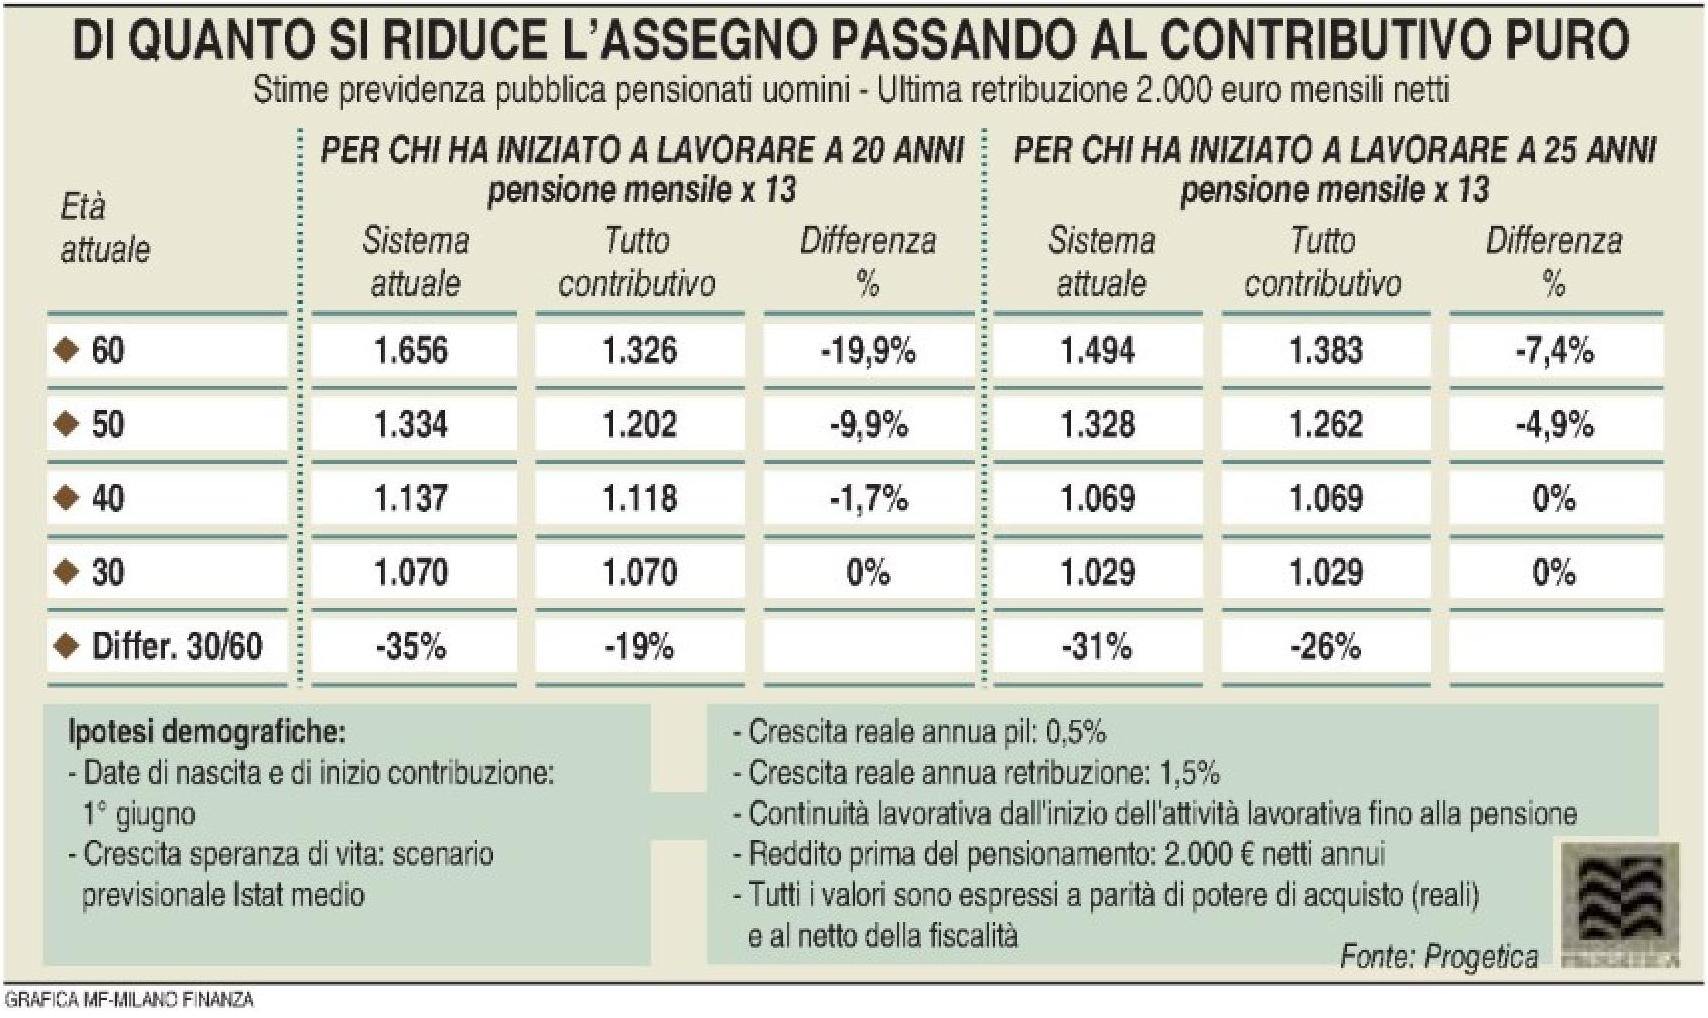 Pensioni - Riduzione assegno (Elaborazione Progetica - Milano Finanza 30.05.2015) Imc